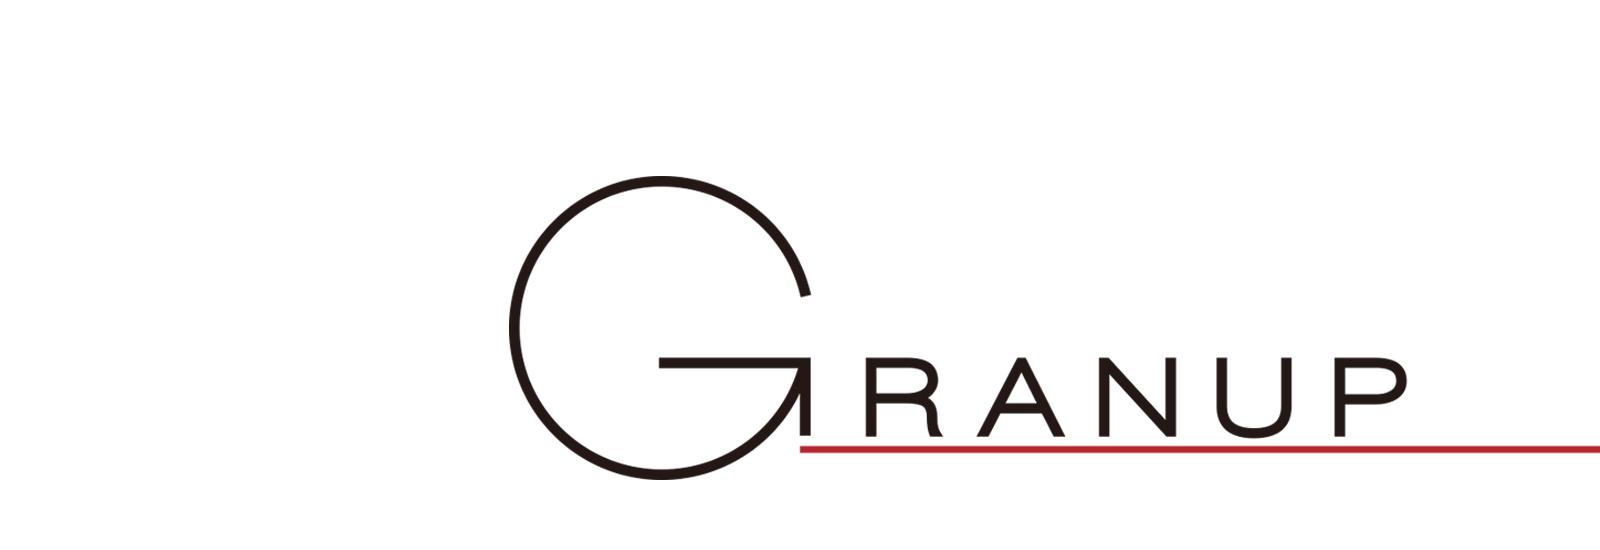 株式会社グラナップ